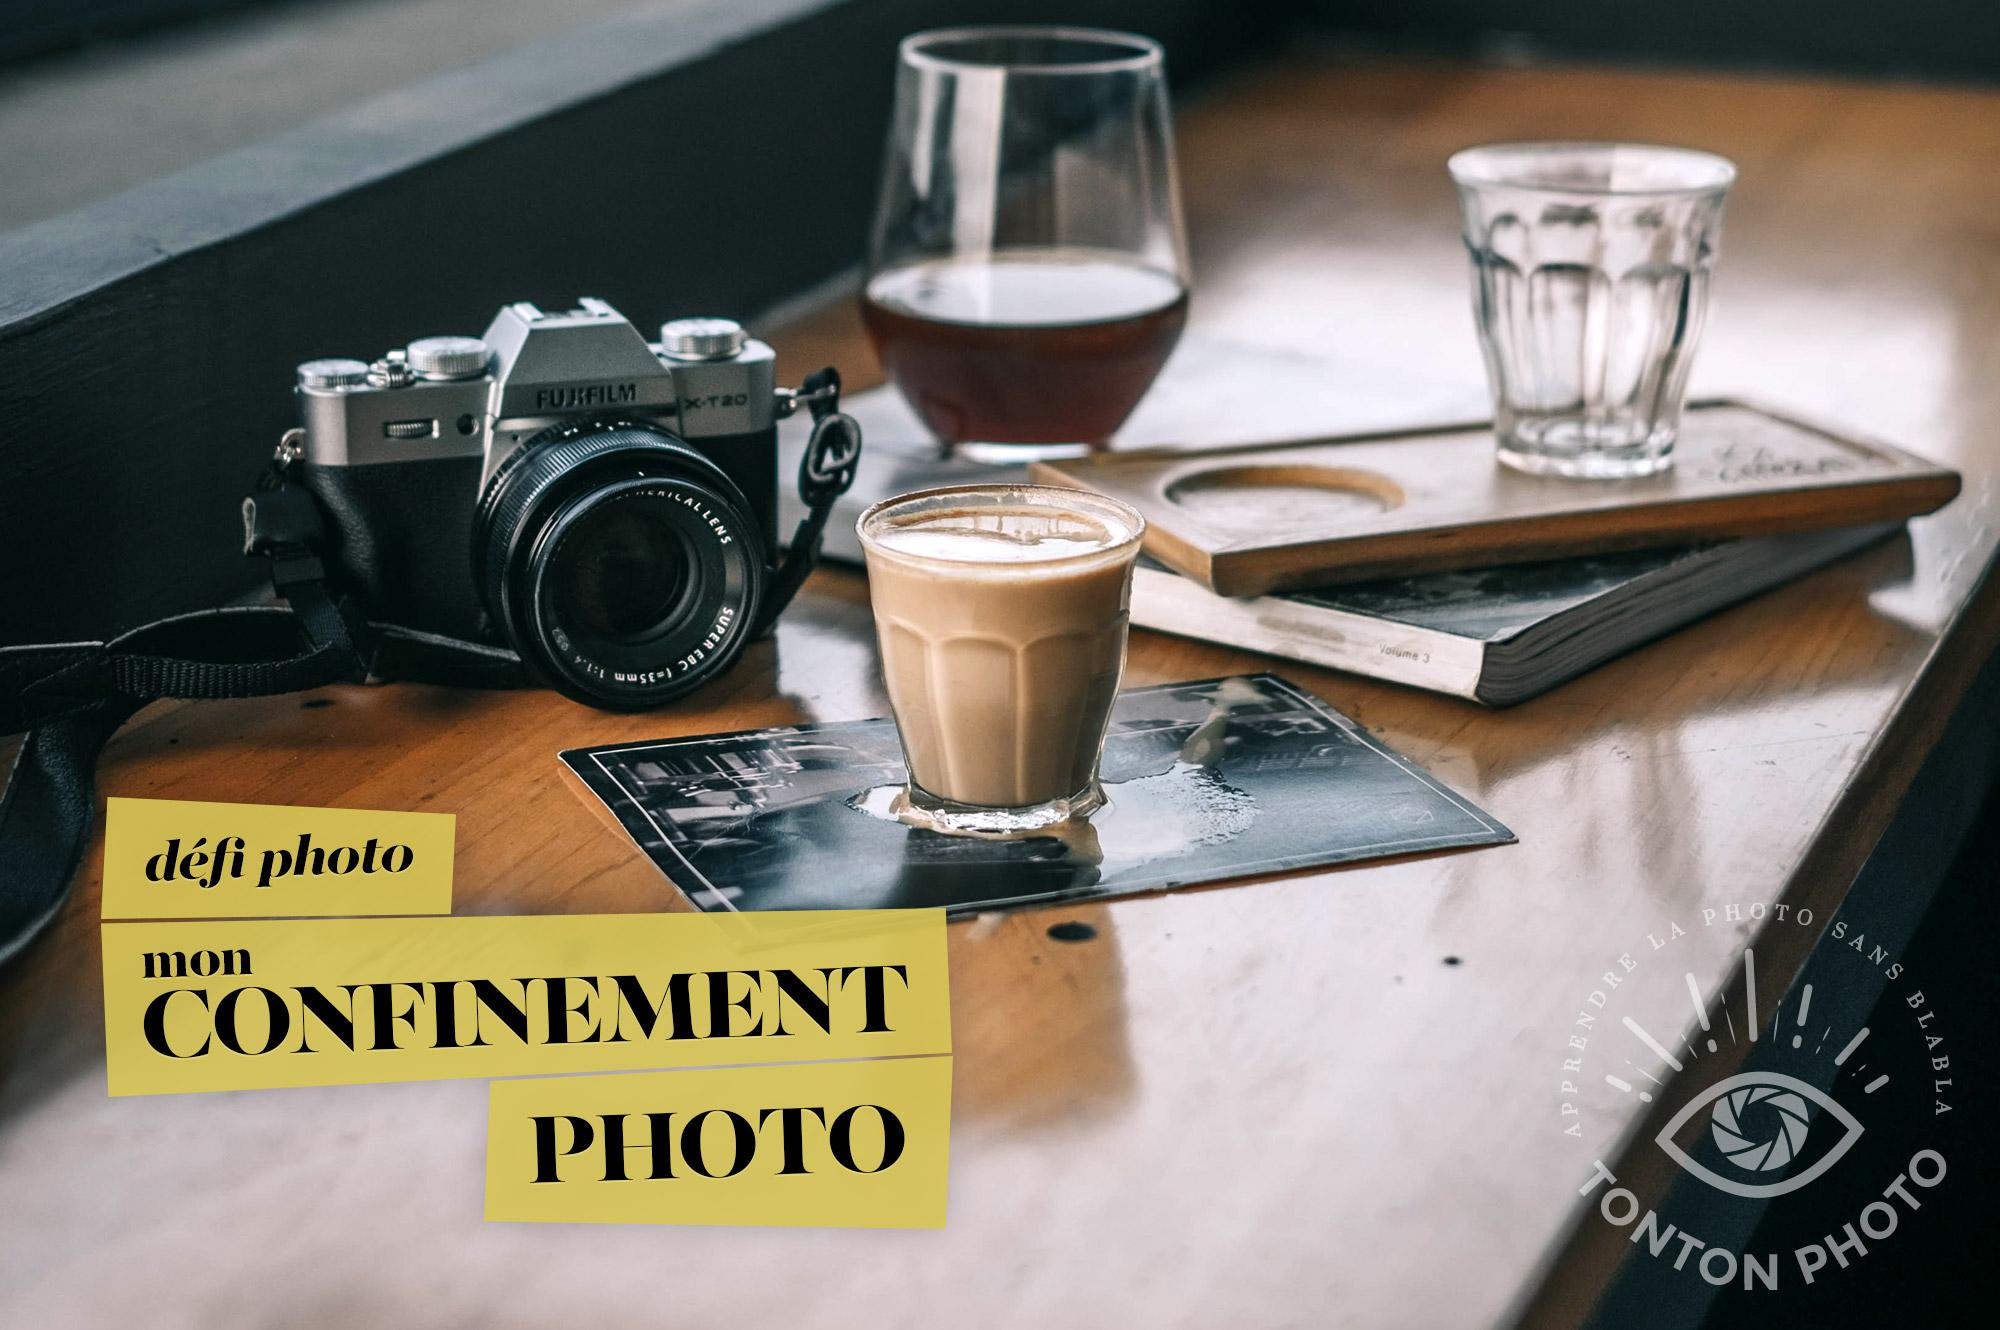 Défi photo #monconfinementphoto : l'occasion de faire progresser votre créativité photographique ! © Tonton Photo